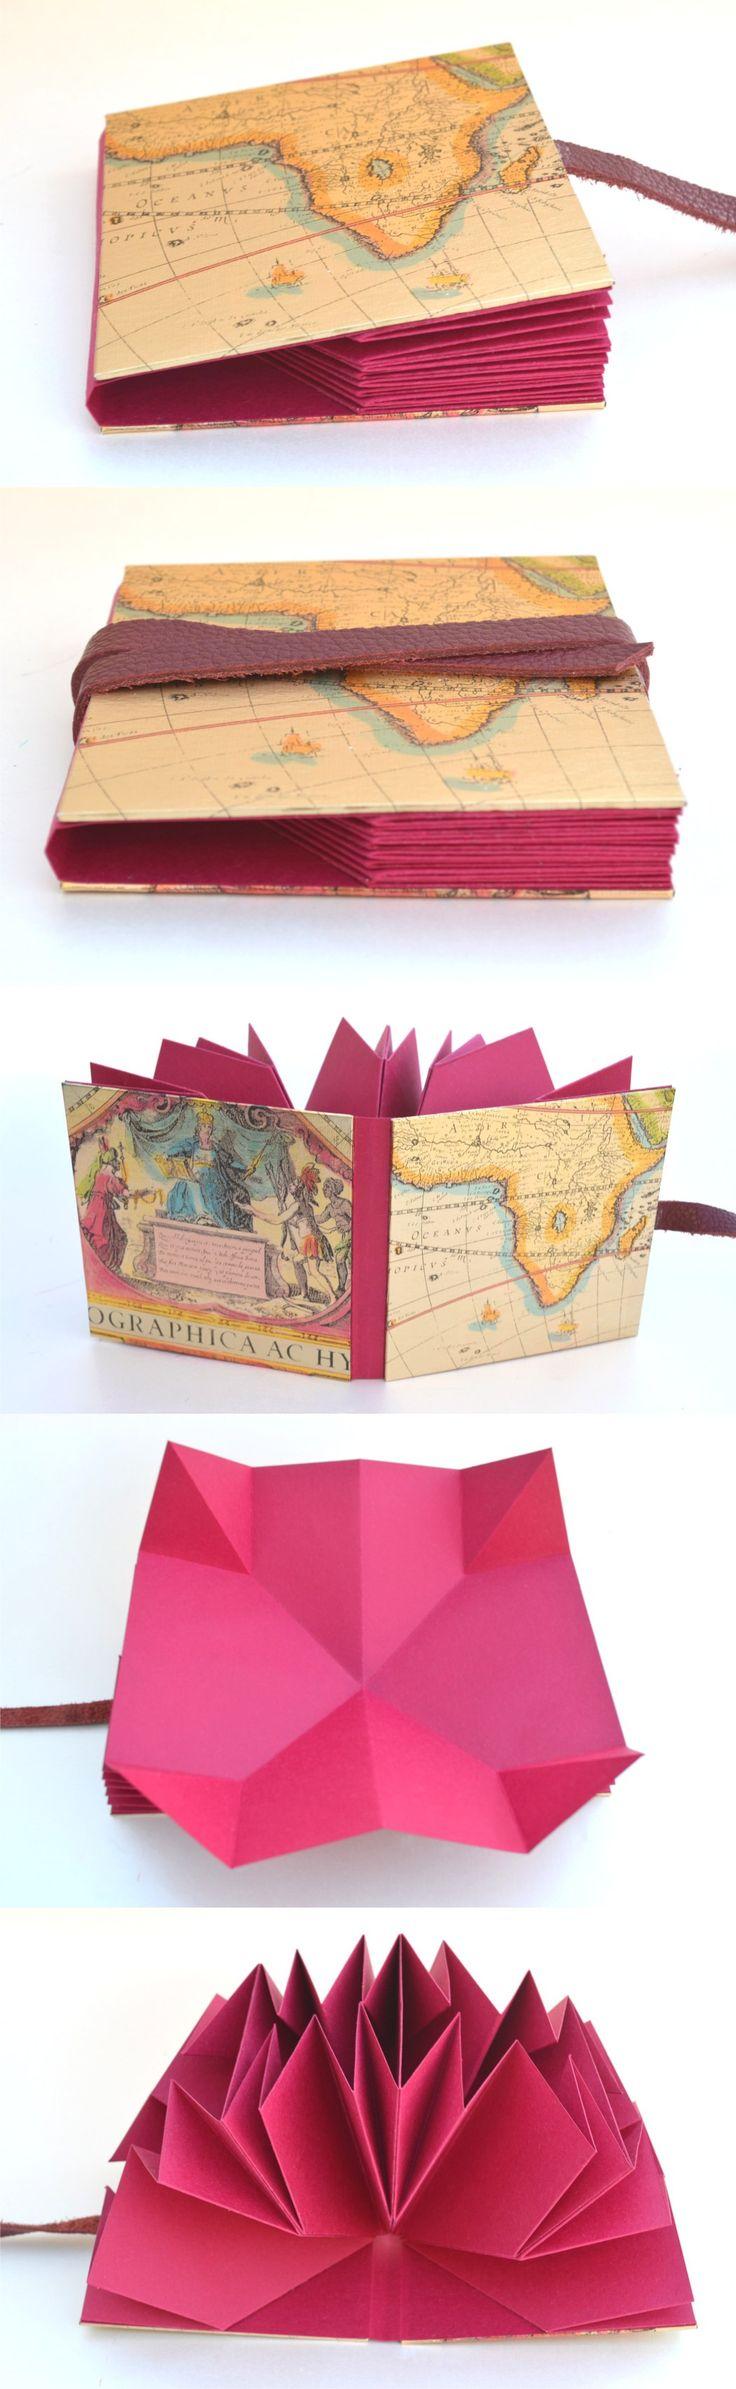 ~~~Nuevos libros para artistas~~~ Personalizados con palabras en dorado u otros colores Encuadernación Plegada – Cubierta de papel metalizado de mapas antiguos – Interior plegado de 4 h…